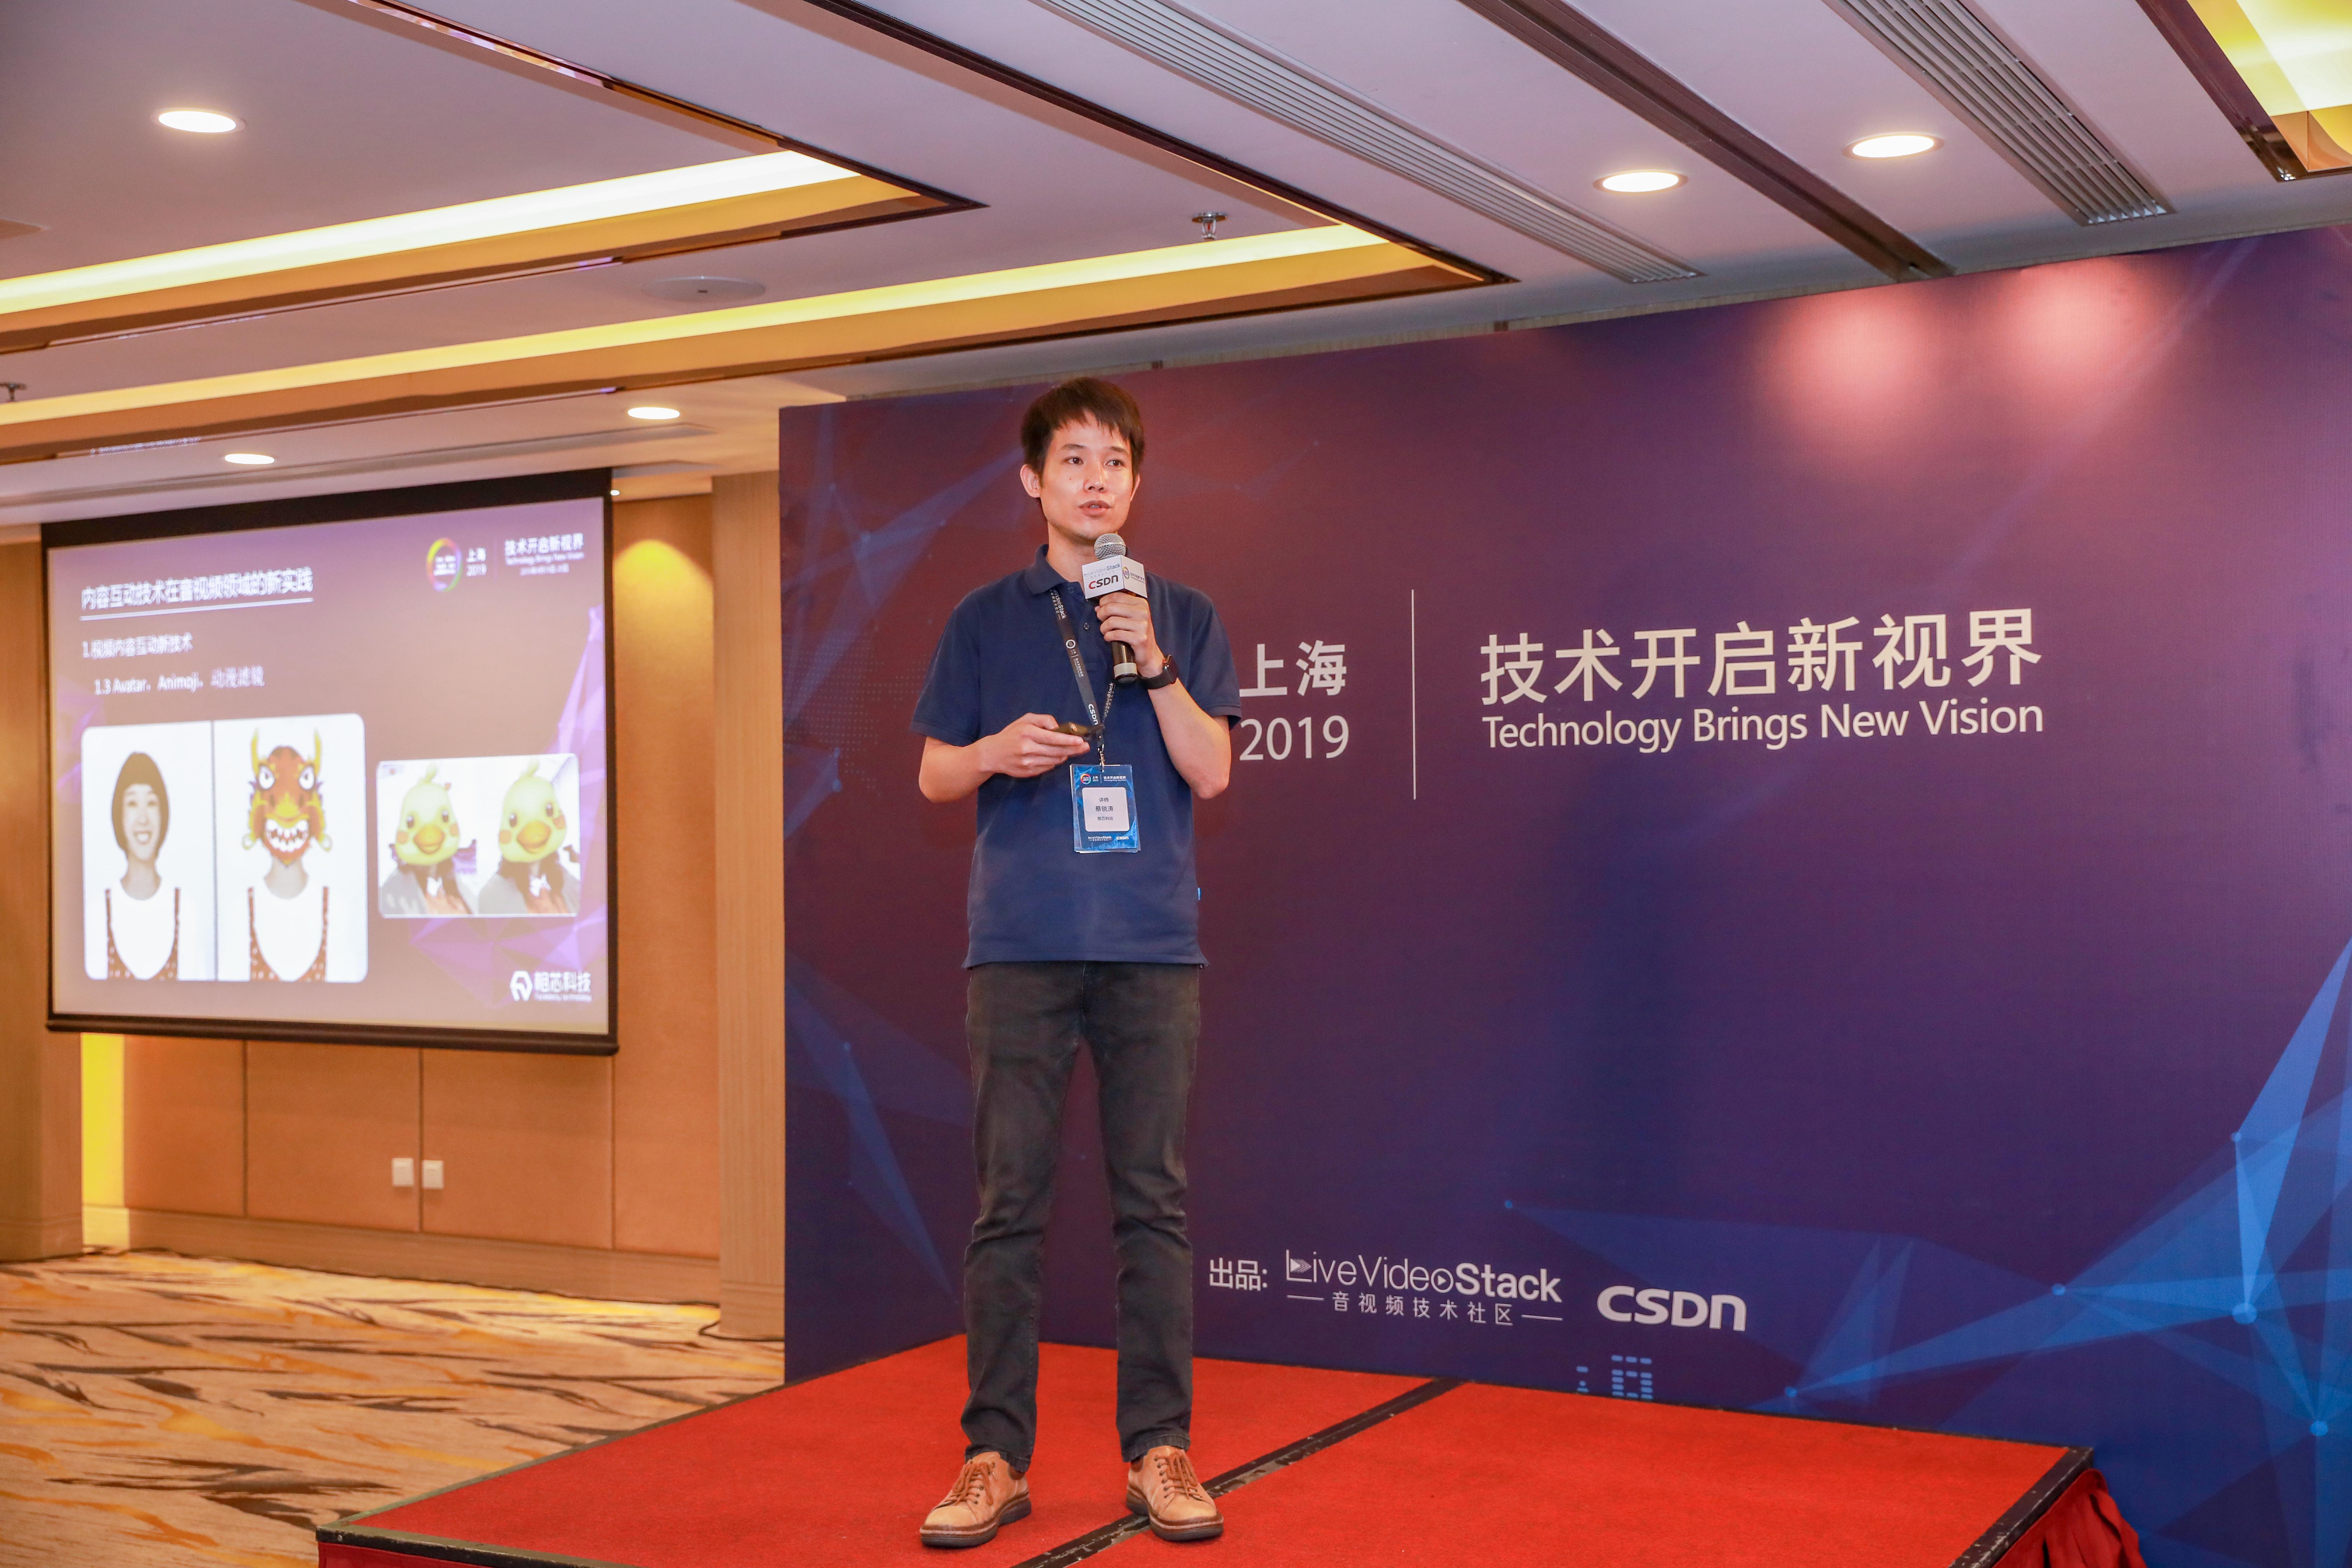 相芯科技亮相音视频大会,解读AI+3D内容互动技术